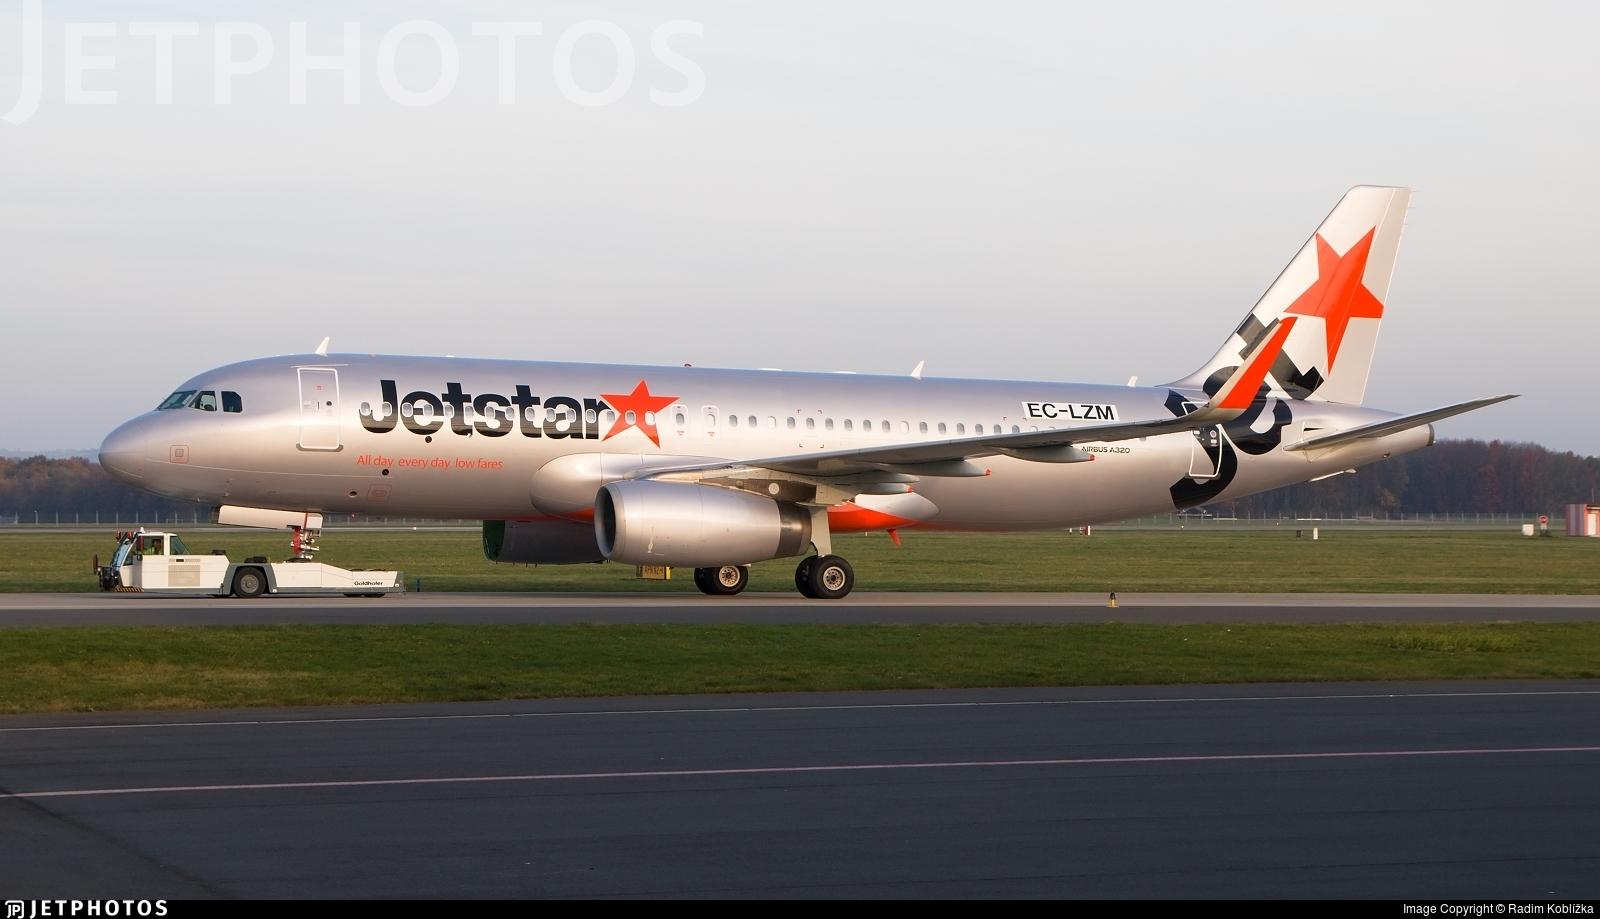 EC-LZM - Airbus A320-232 - Jetstar Airways